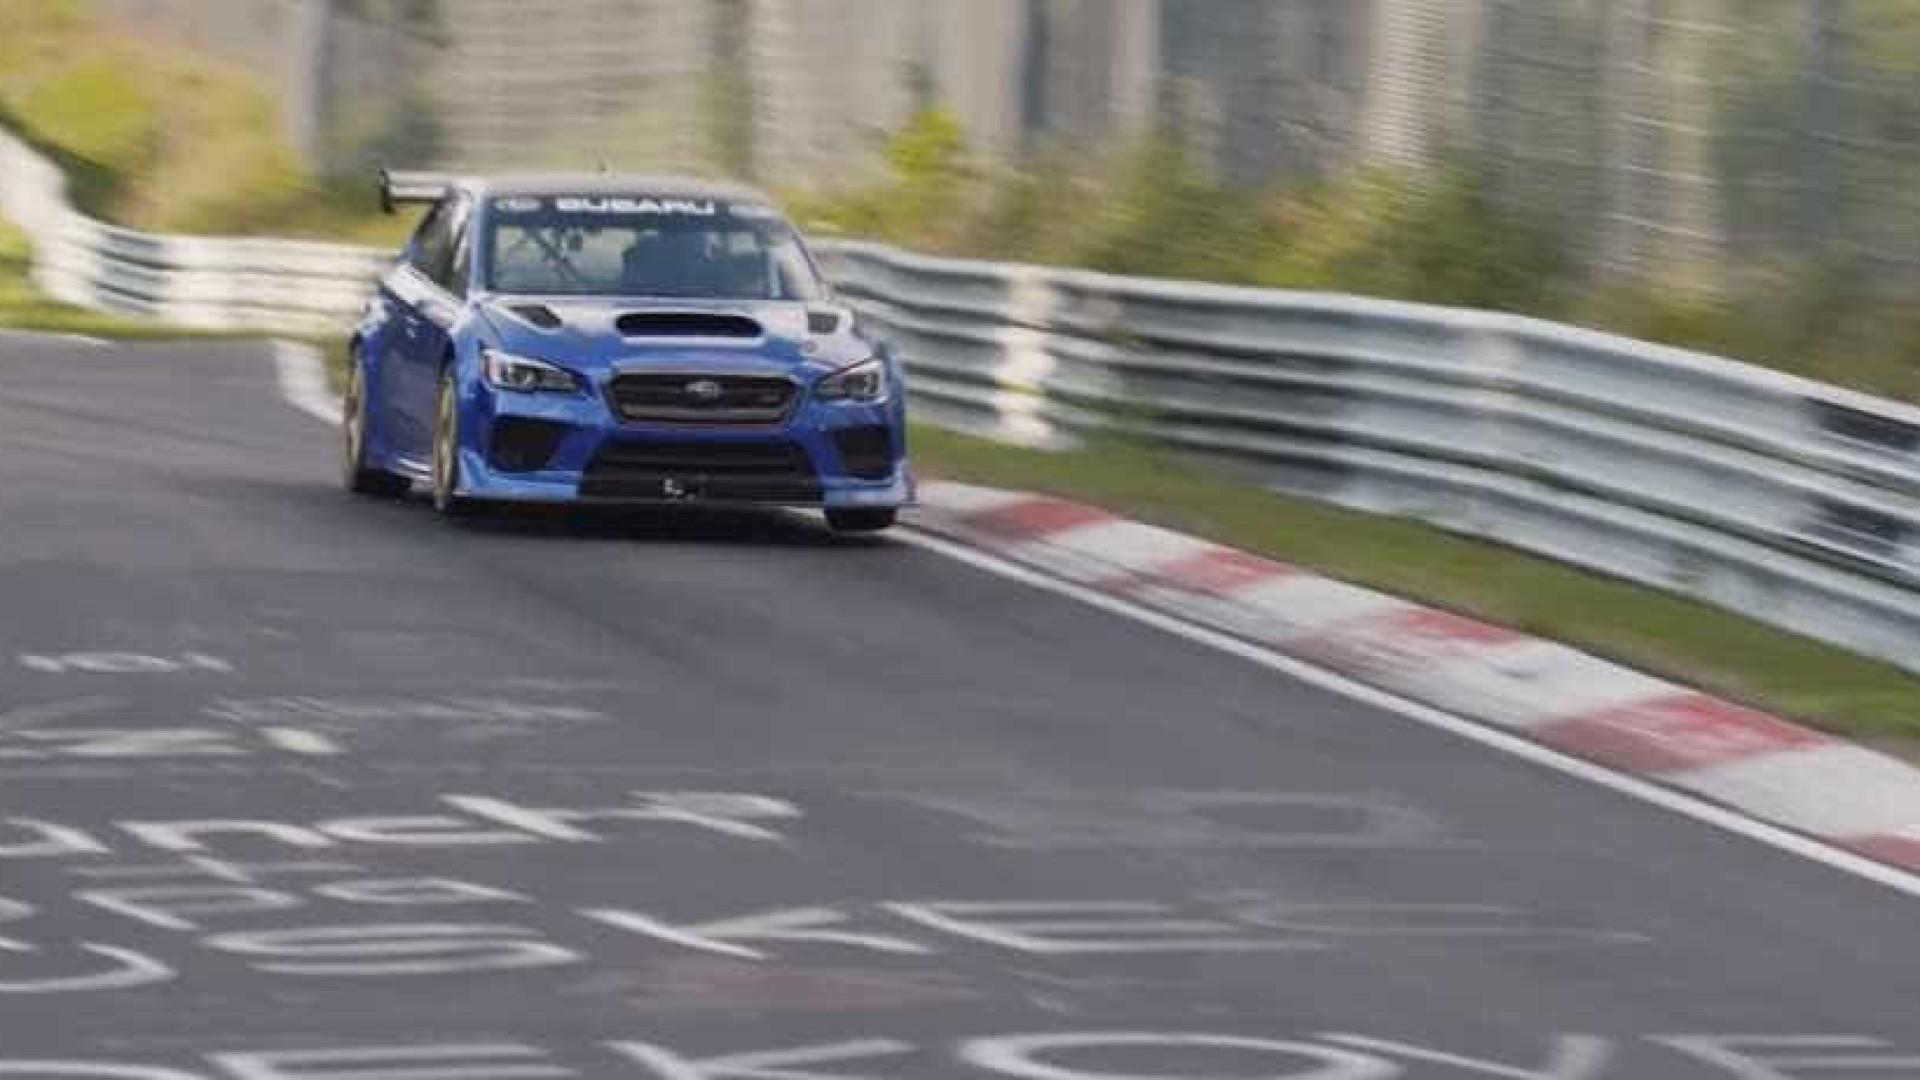 Subaru bate o recorde de carro de quatro portas mais veloz em Nurburgring